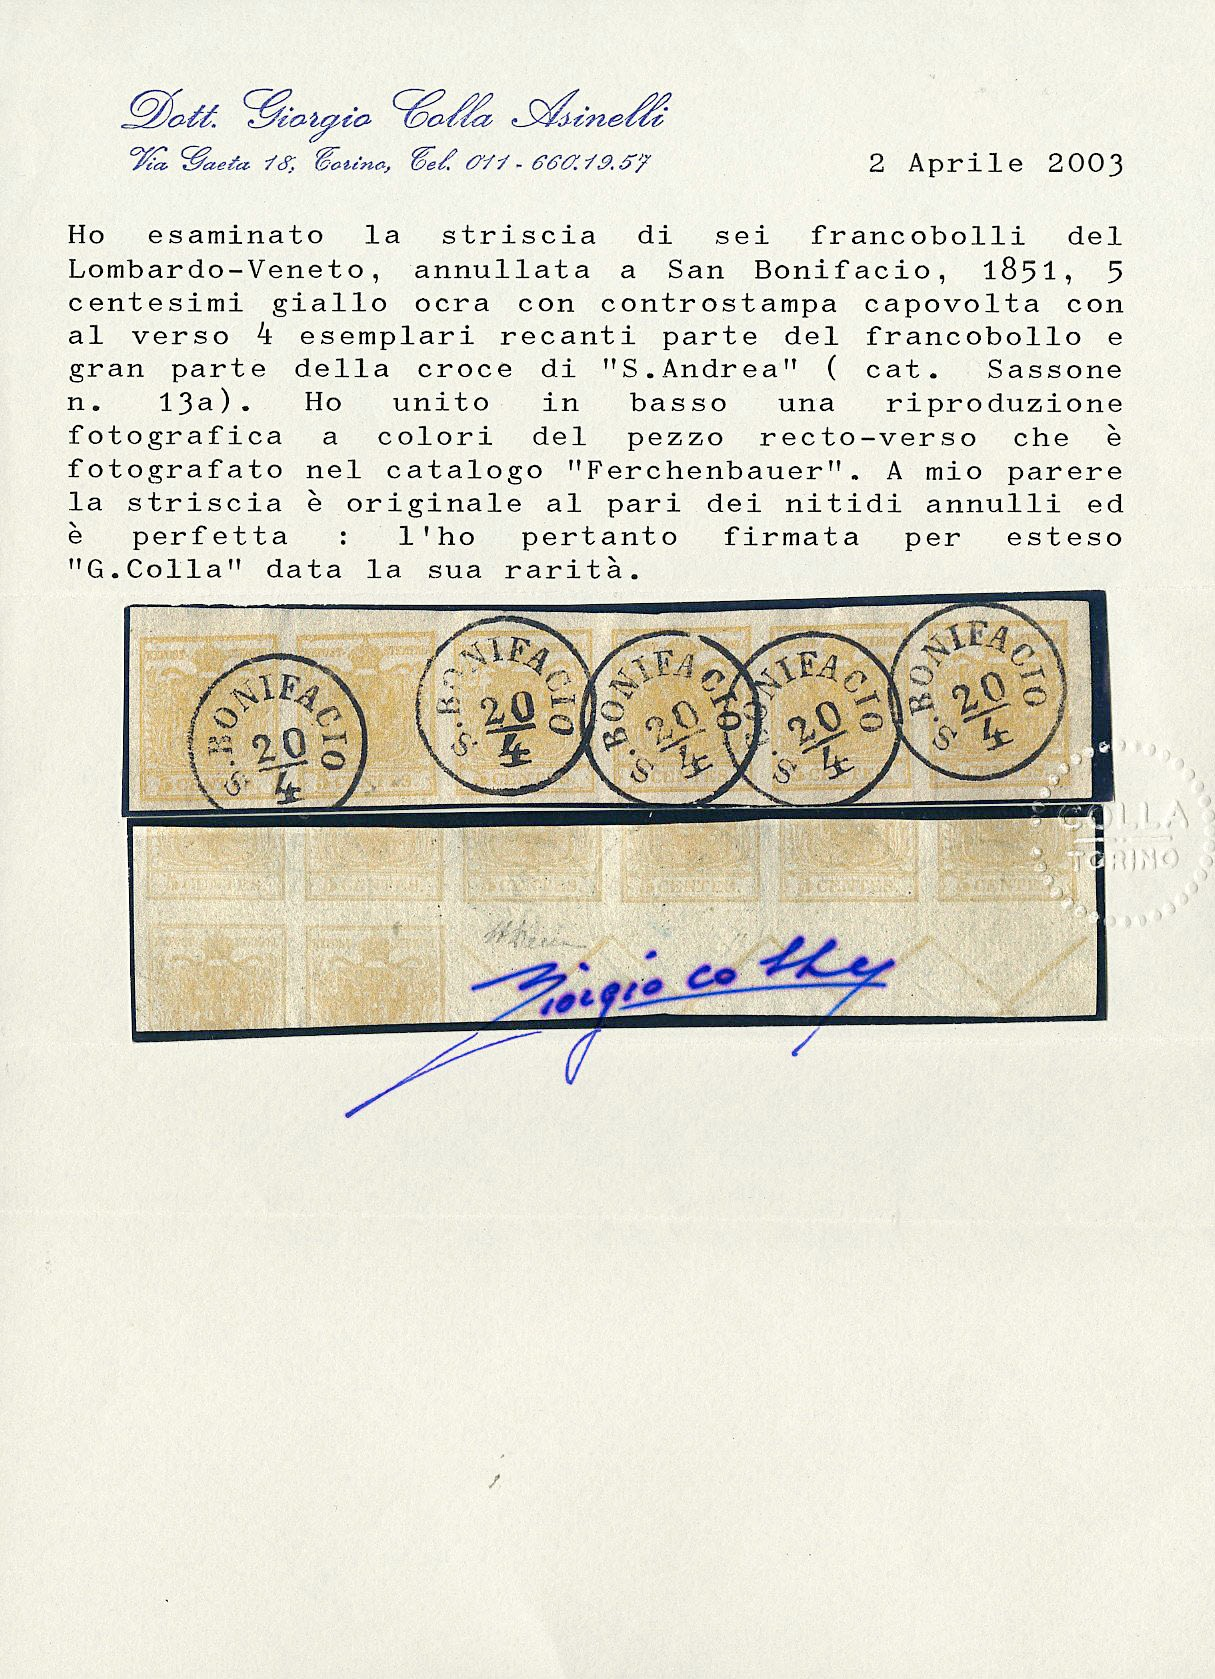 Lot 24 - lombardo veneto posta ordinaria -  Zanaria Aste s.r.l. 9th Philatelic Auction